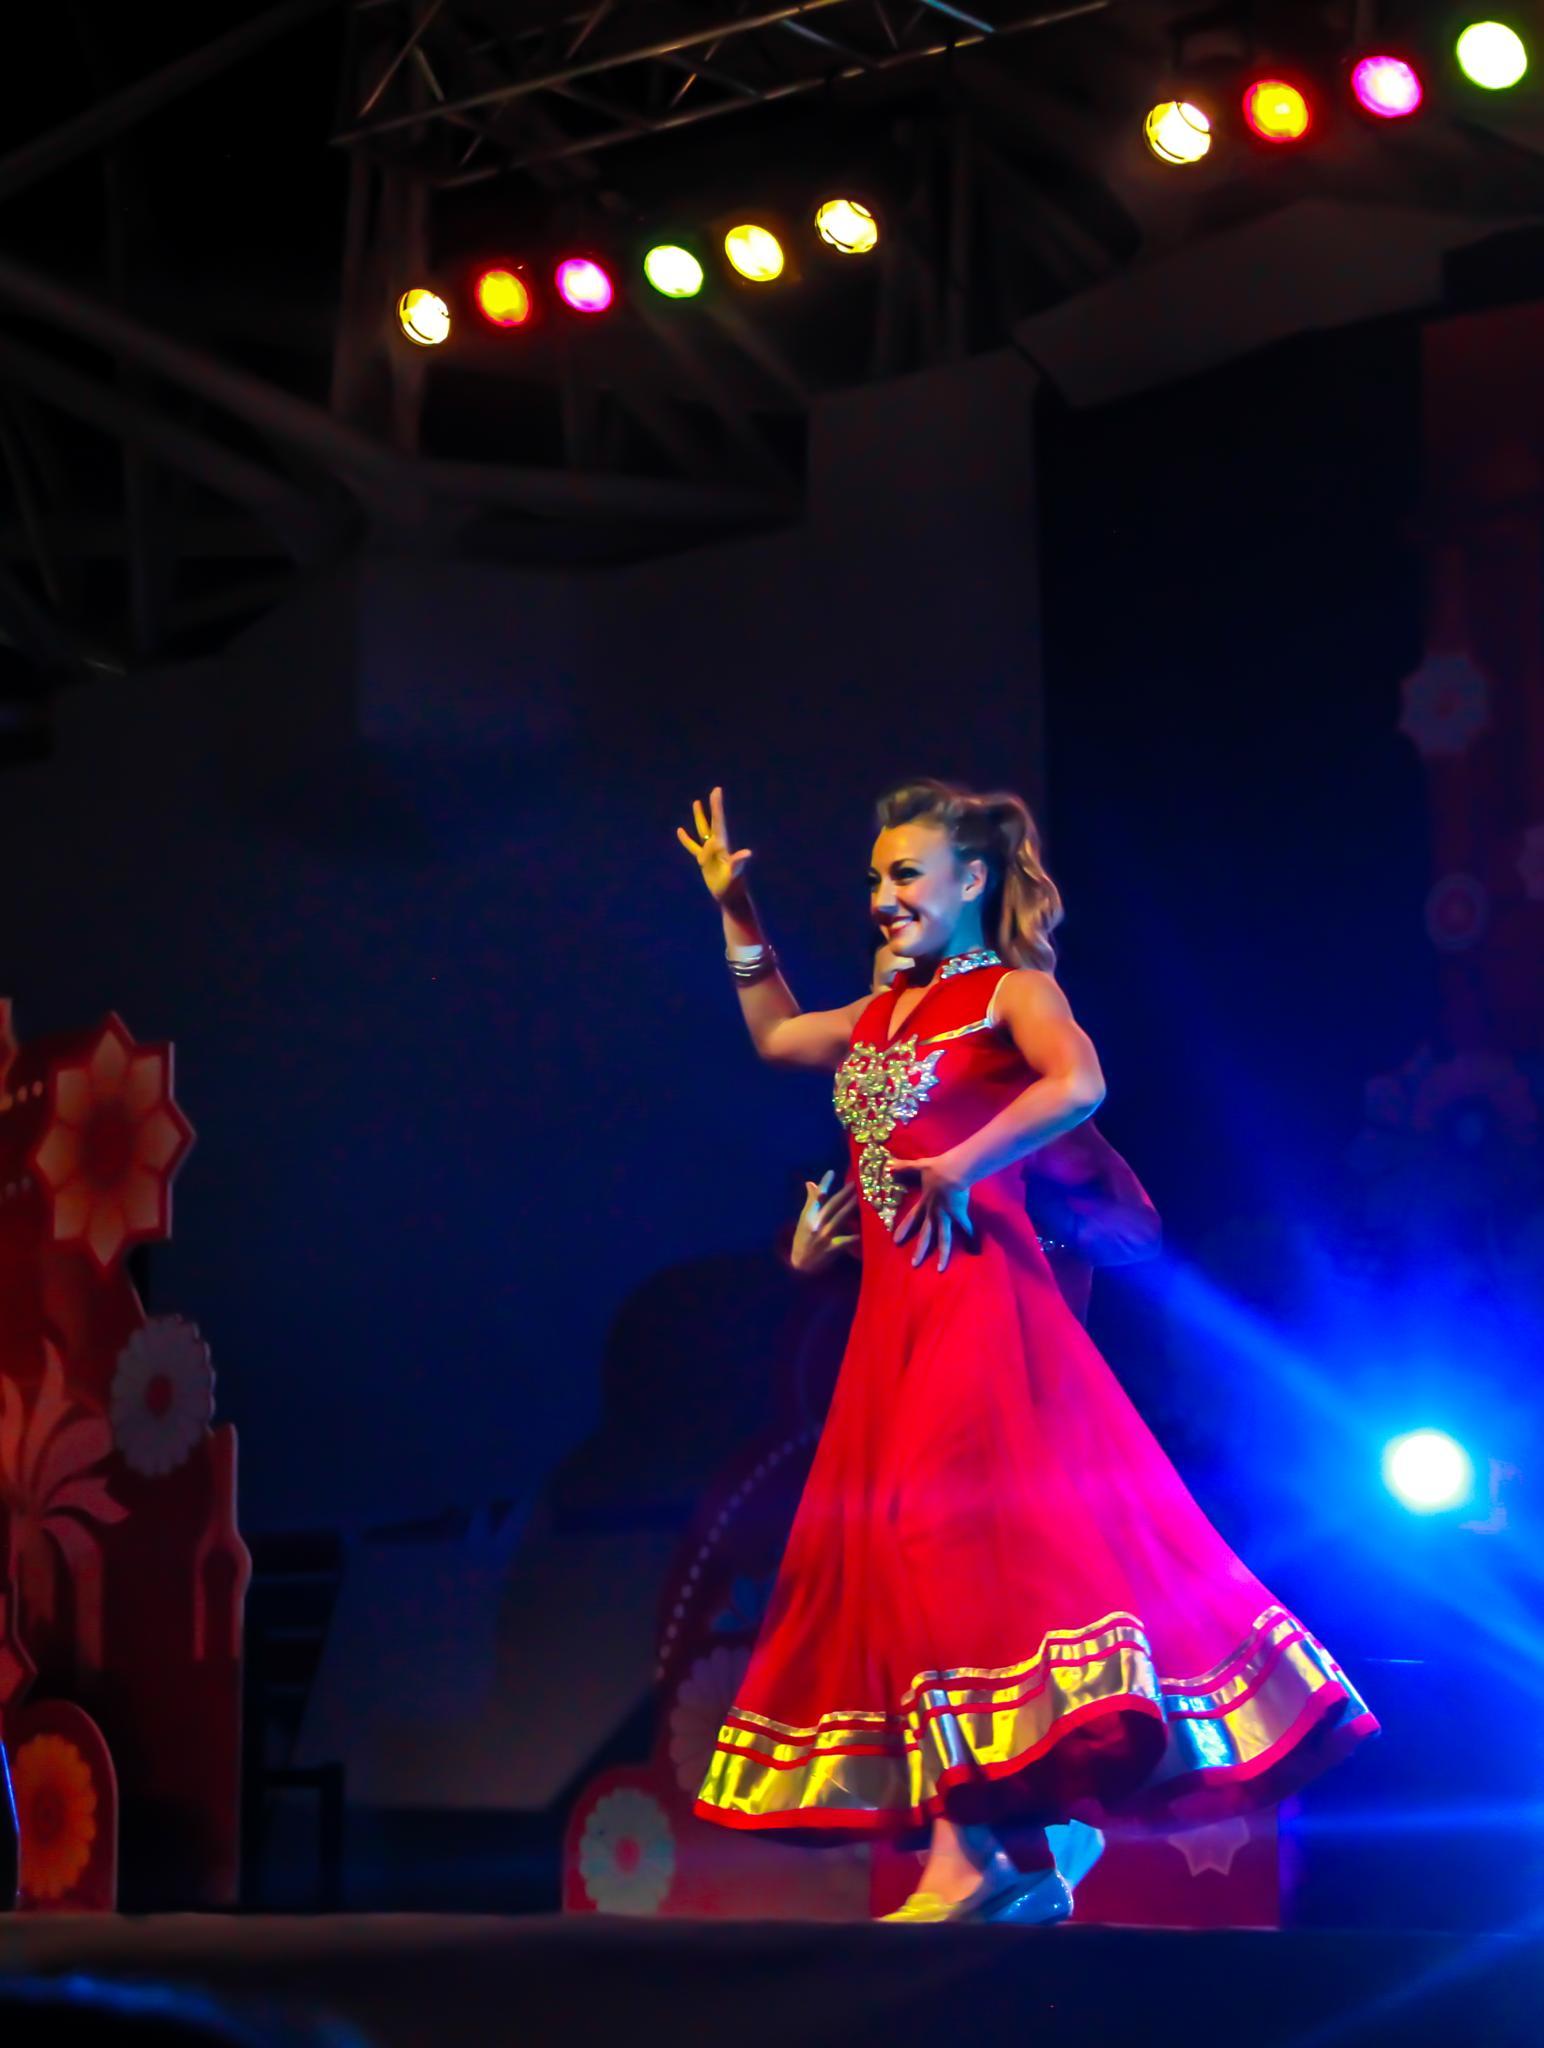 The dancing beauty by danish.khanxada